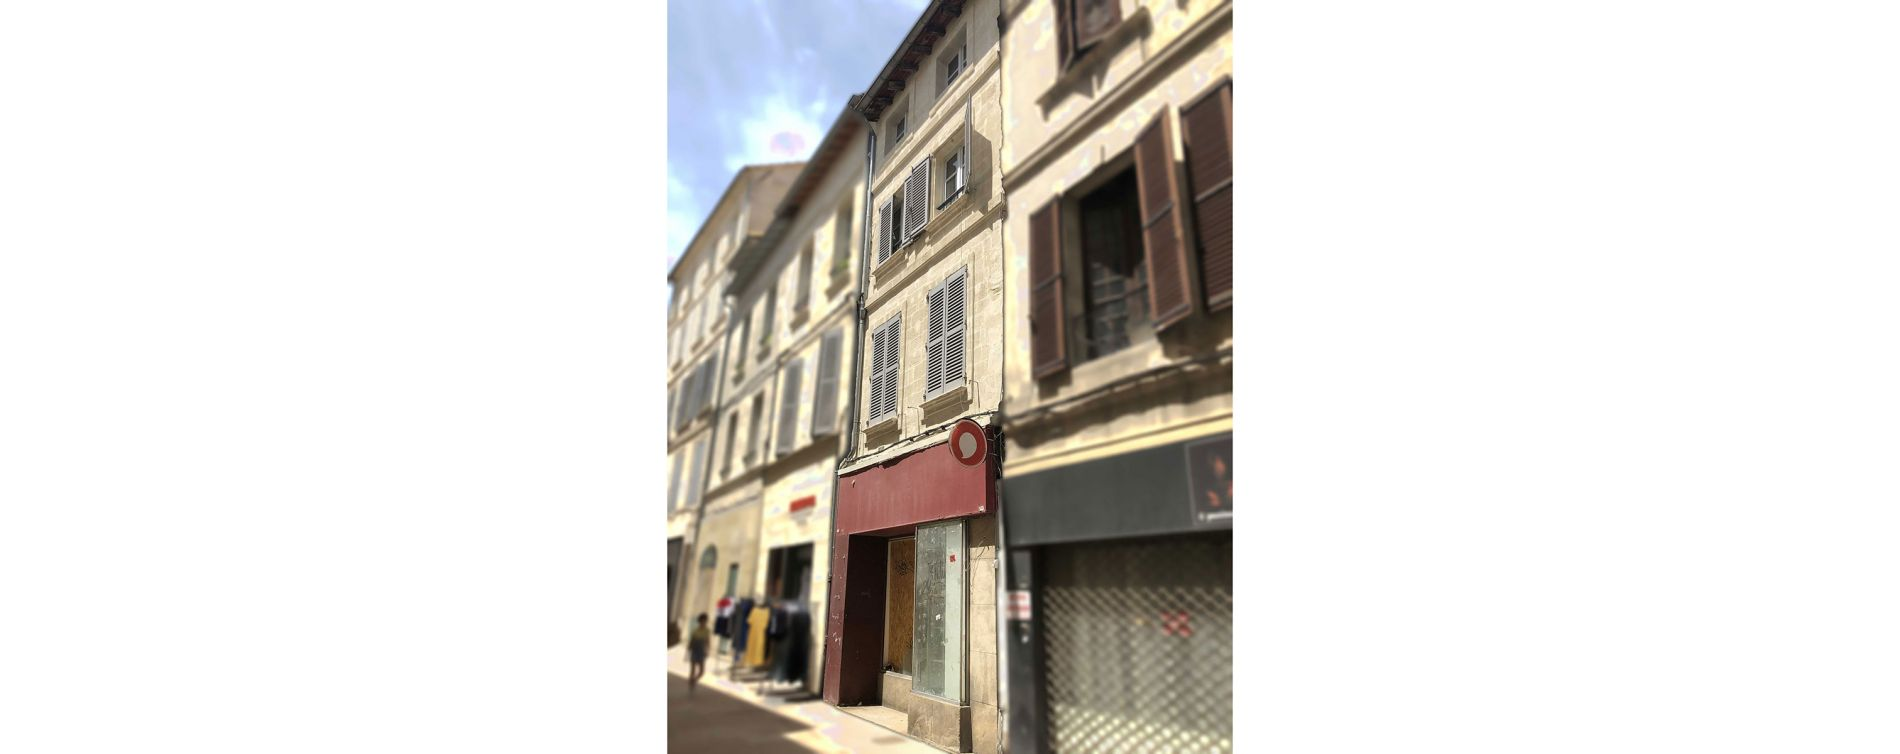 Résidence La Petite Saunerie à Avignon